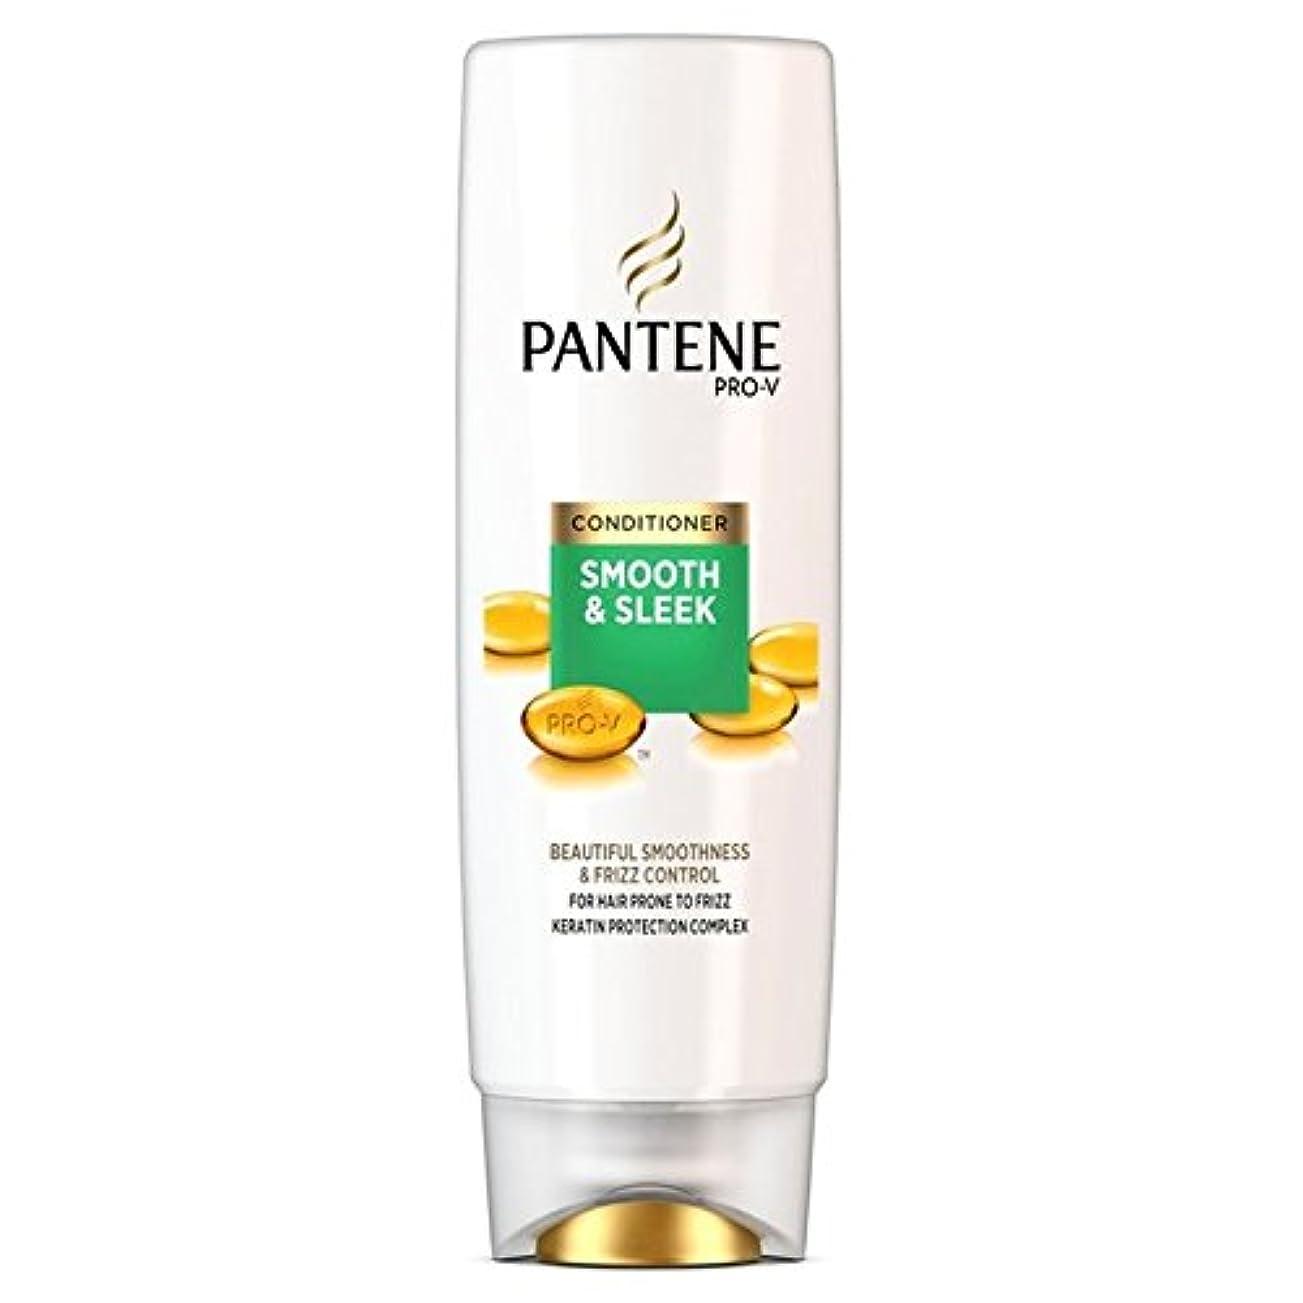 怪しい風変わりな天国Pantene Conditioner Smooth & Sleek For Hair Prone to Frizz 250ml - パンテーンコンディショナースムーズ&縮れ250ミリリットルを受けやすい髪になめらかな [並行輸入品]